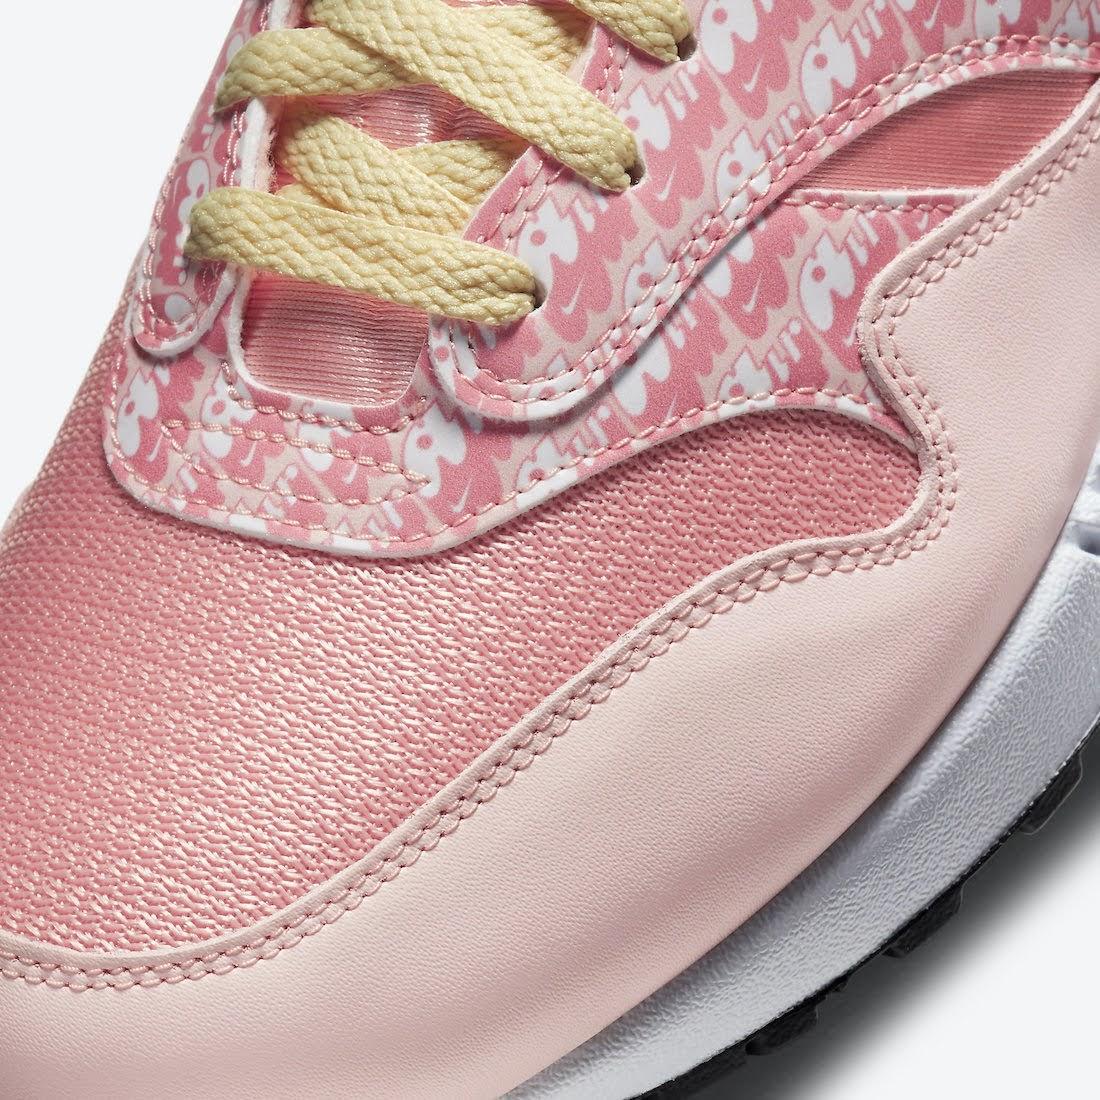 """ナイキ エア マックス 1 """"ストロベリーレモネード""""Nike-Air-Max-1-Strawberry-Lemonade-CJ0609-600-toe-closeup"""